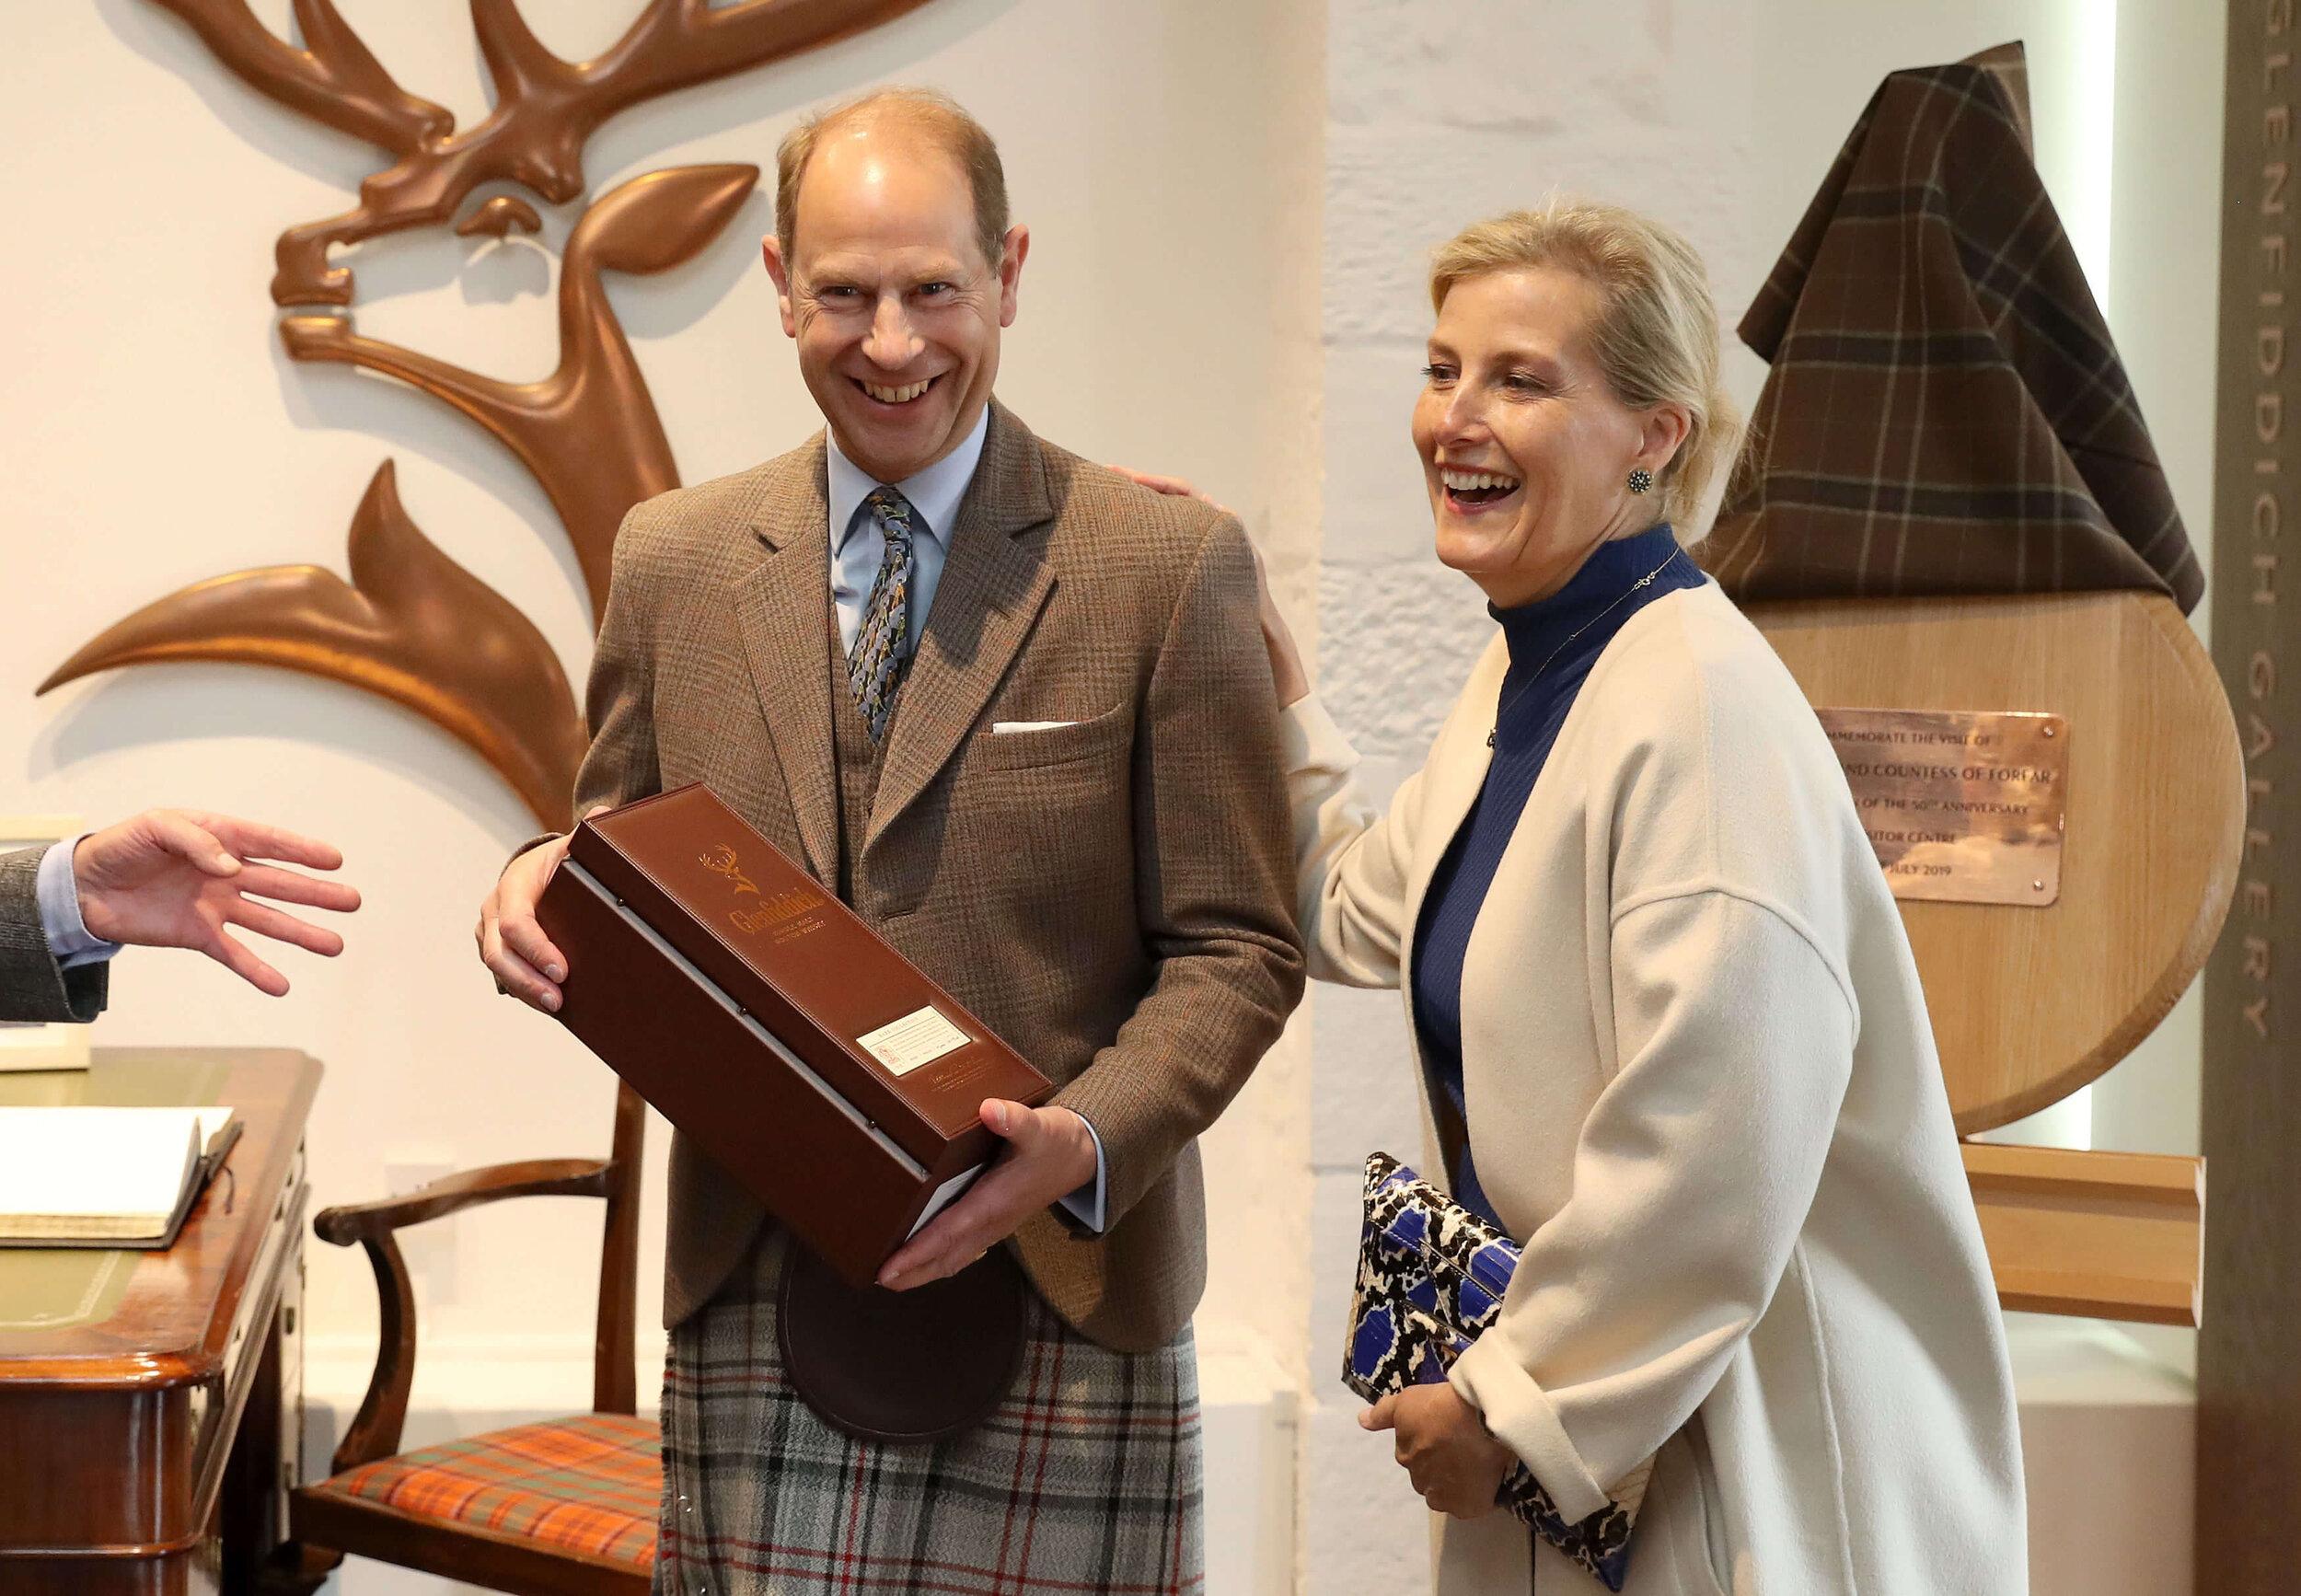 Obwohl Prinz Edward für seine Matador-Krawatte häufiger kritisiert wurde, trägt er sie immer noch gerne, wie hier beim Besuch einer Whisky-Brauerei im Jahr 2019. © picture alliance / empics